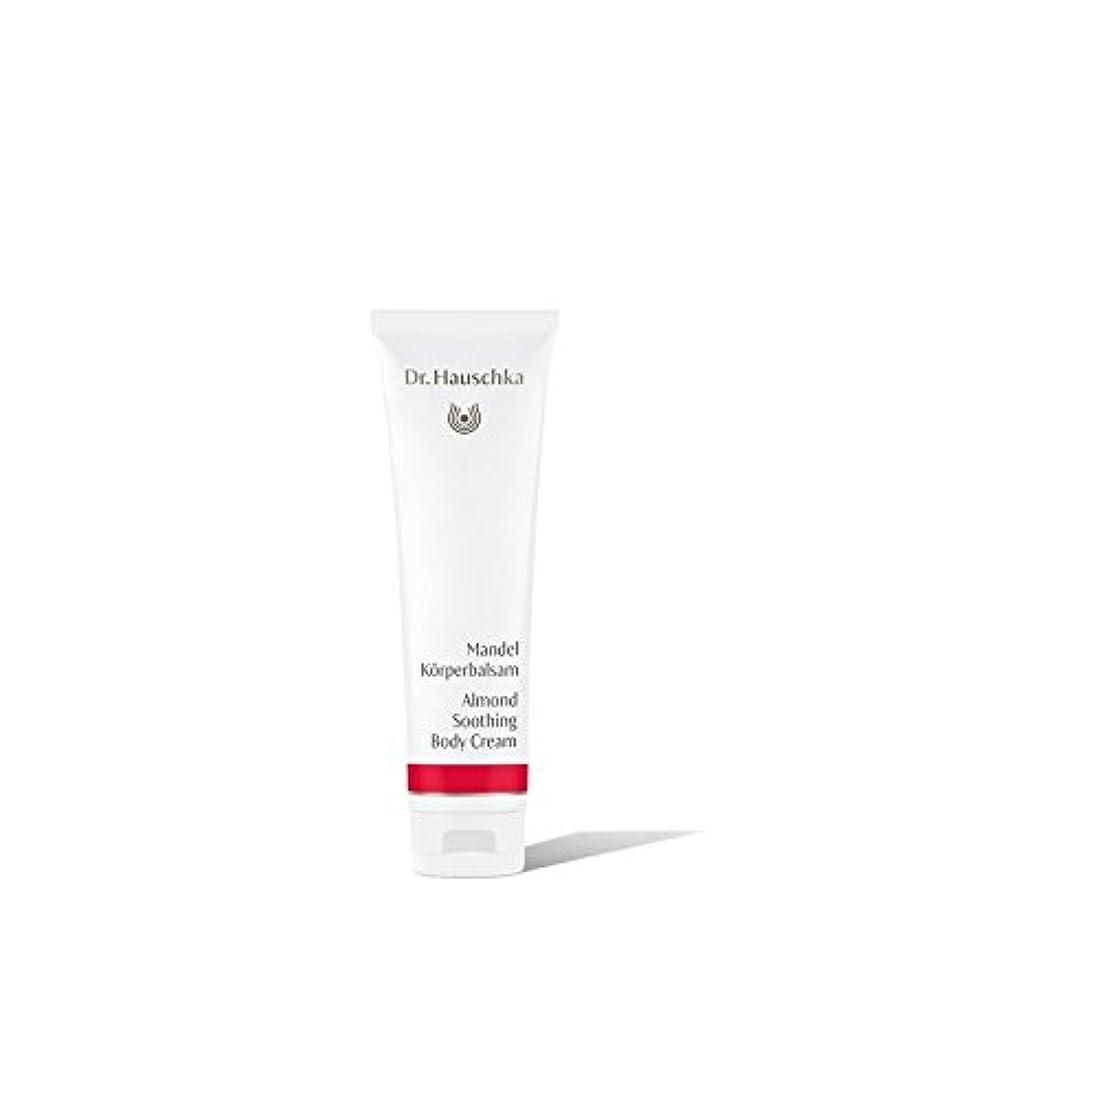 ペレットボタン配送ハウシュカアーモンドなだめるボディクリーム(145ミリリットル) x4 - Dr. Hauschka Almond Soothing Body Cream (145ml) (Pack of 4) [並行輸入品]